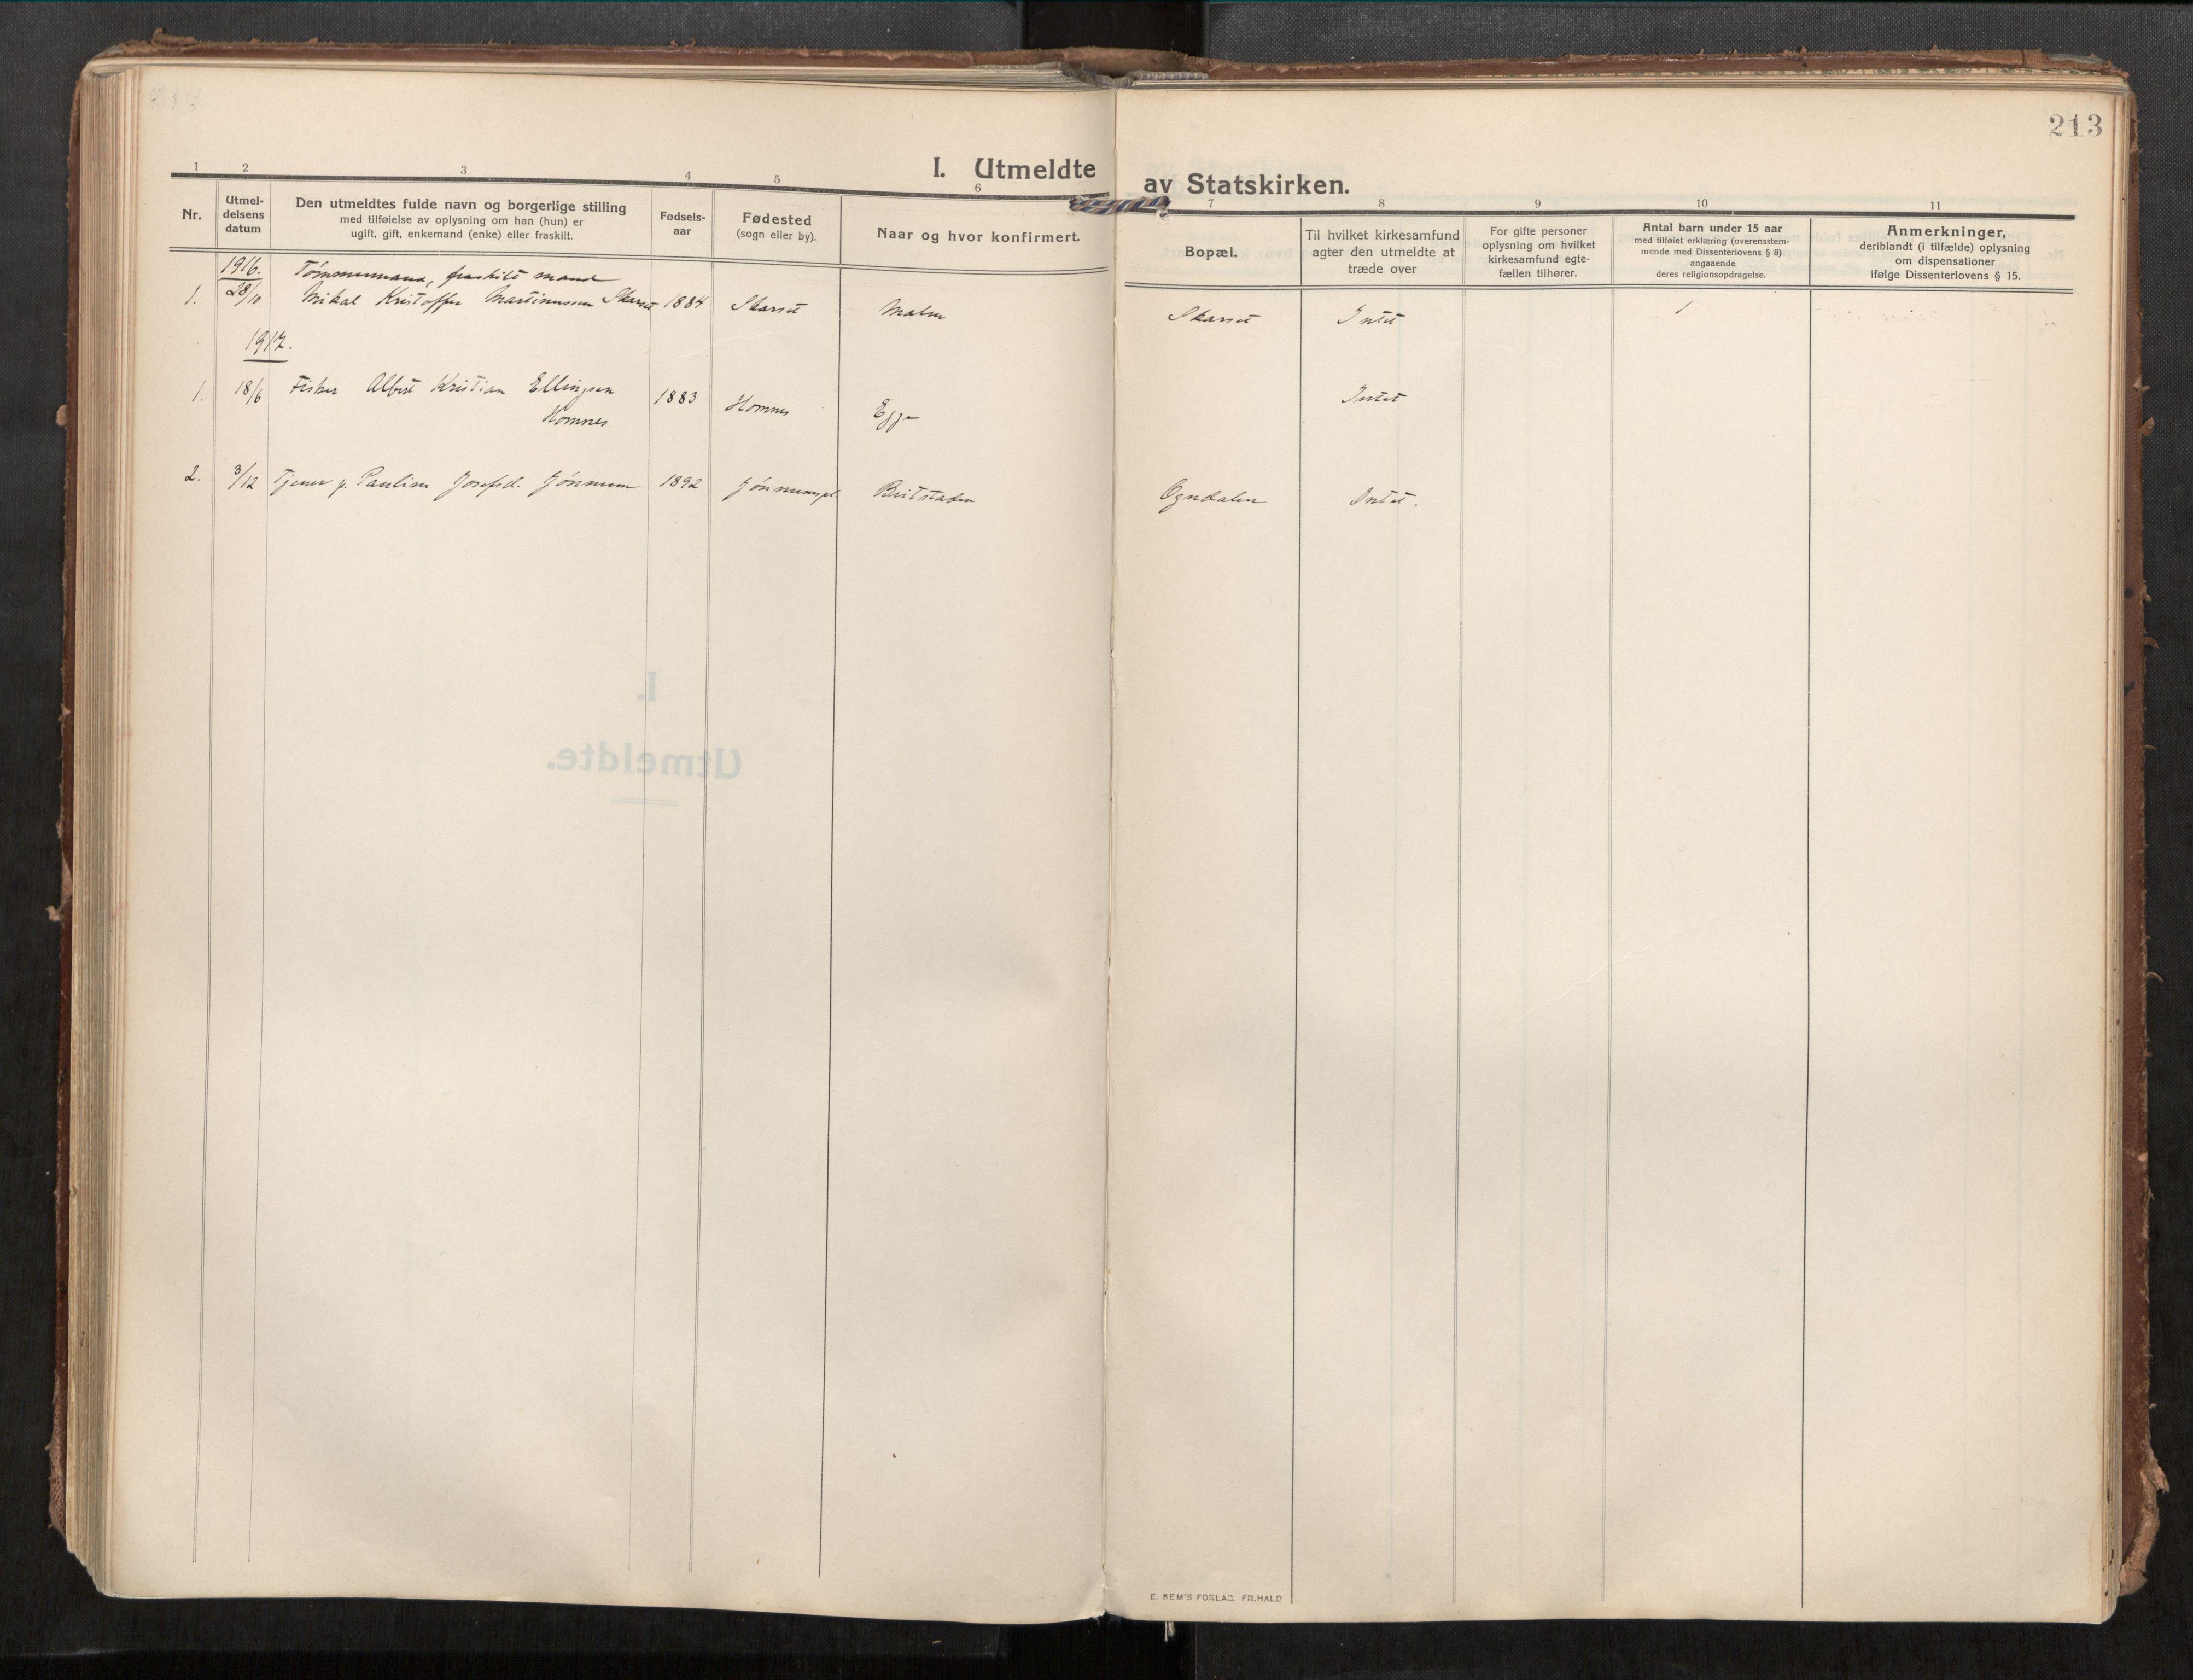 SAT, Beitstad sokneprestkontor, I/I1/I1a/L0001: Parish register (official) no. 1, 1912-1927, p. 213